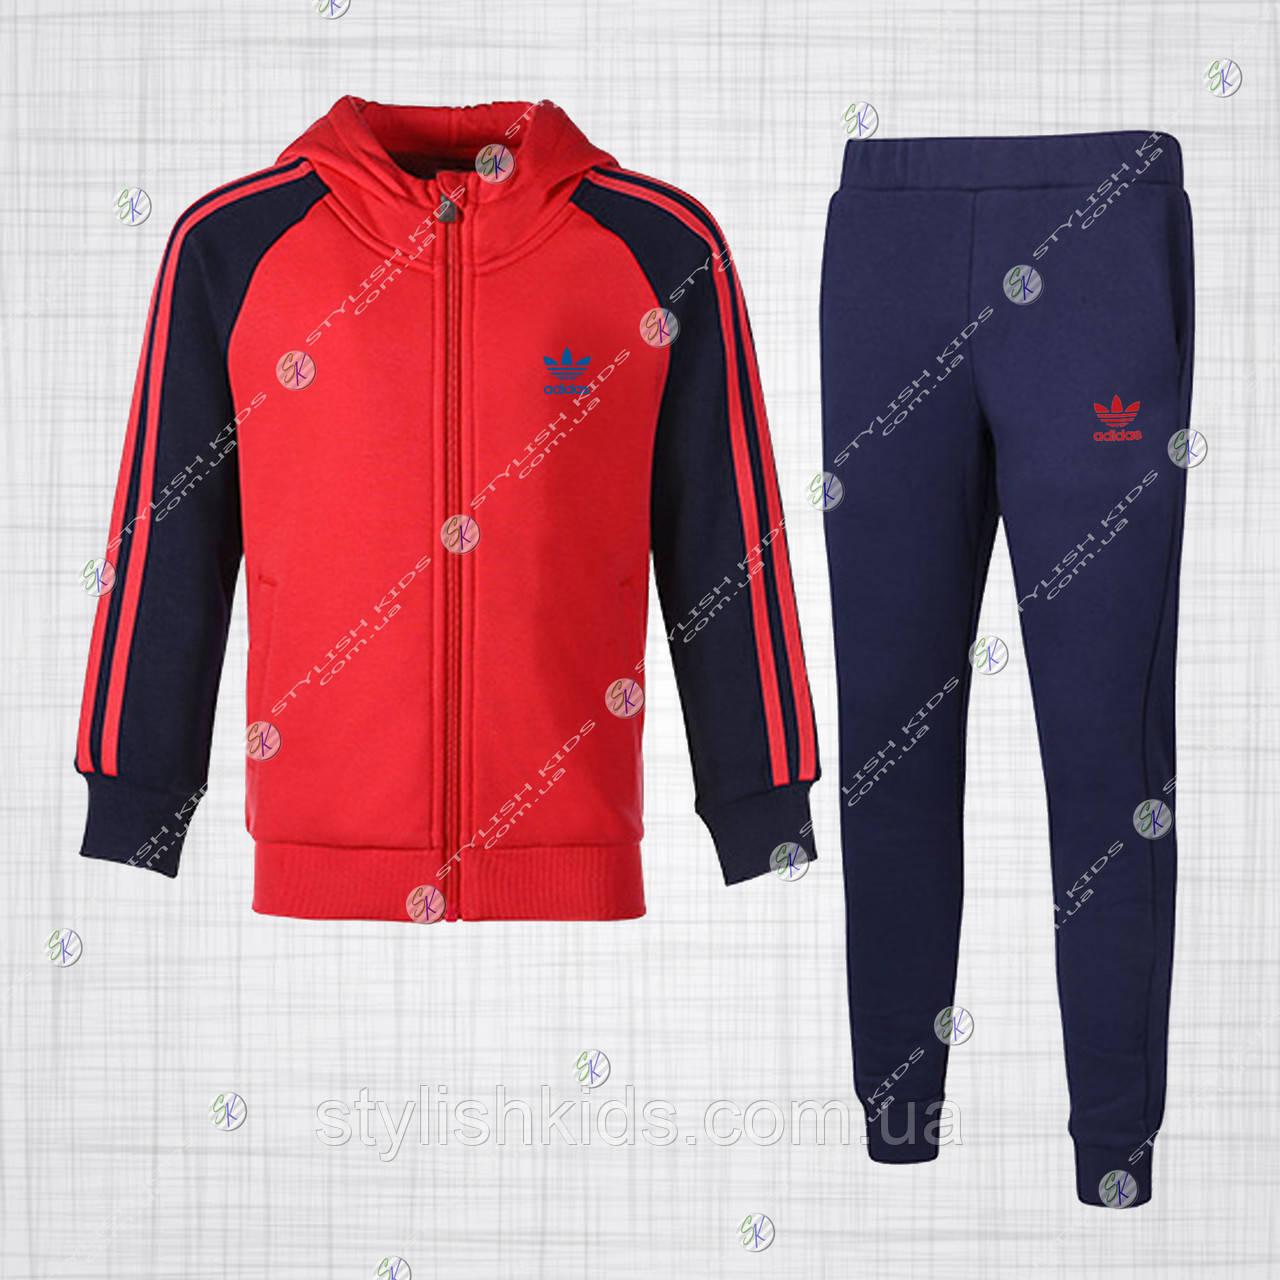 f4125bf8e Купить спортивный костюм adidas на подростка Украина. Спортивный костюм на  мальчика в интернет магазине.